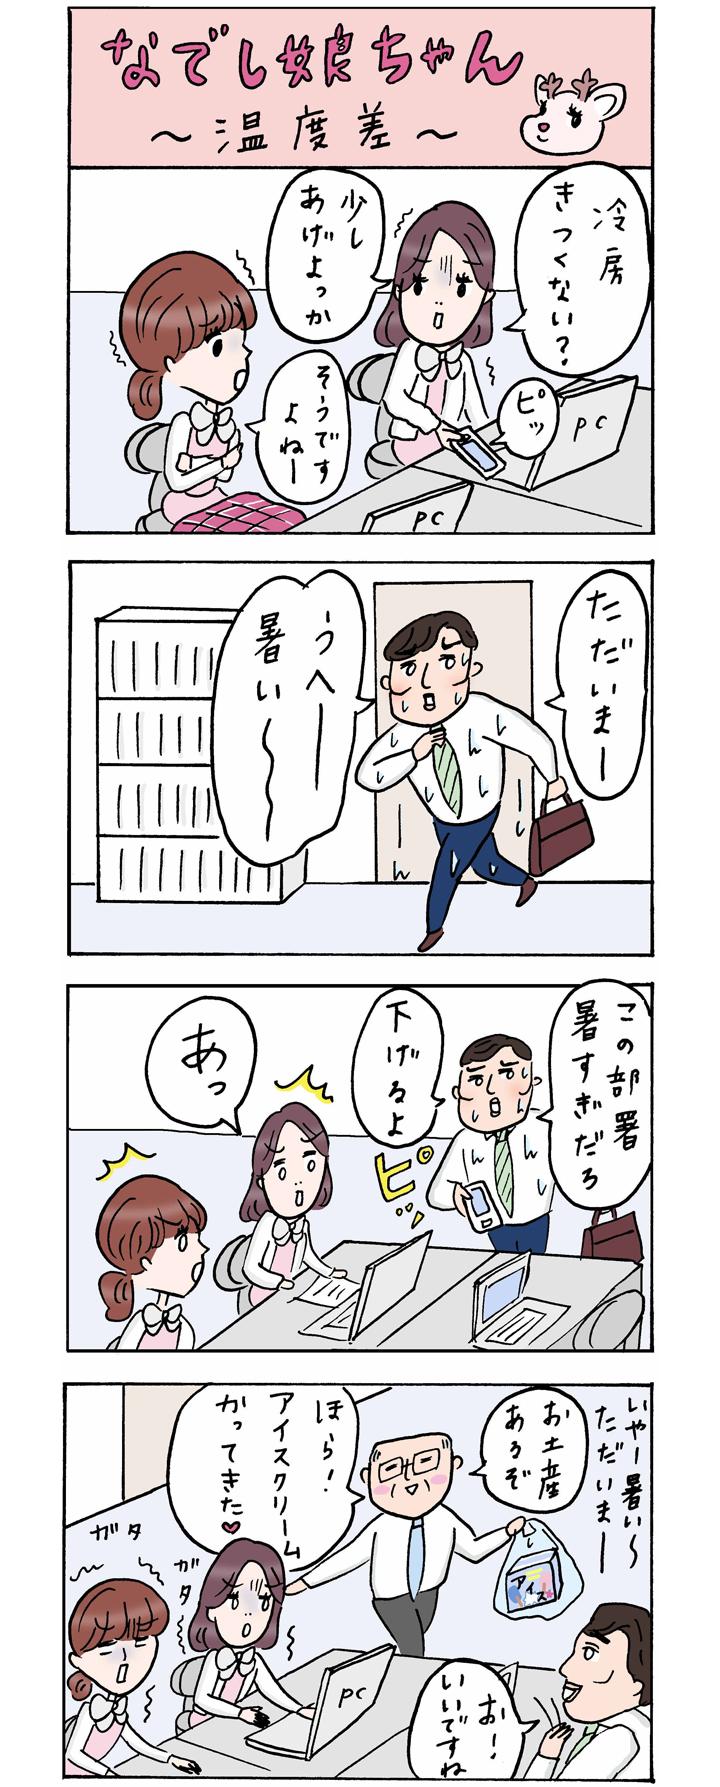 OLあるある漫画】じわじわくる4コマ「なでし娘ちゃん」60話〜69話を ...